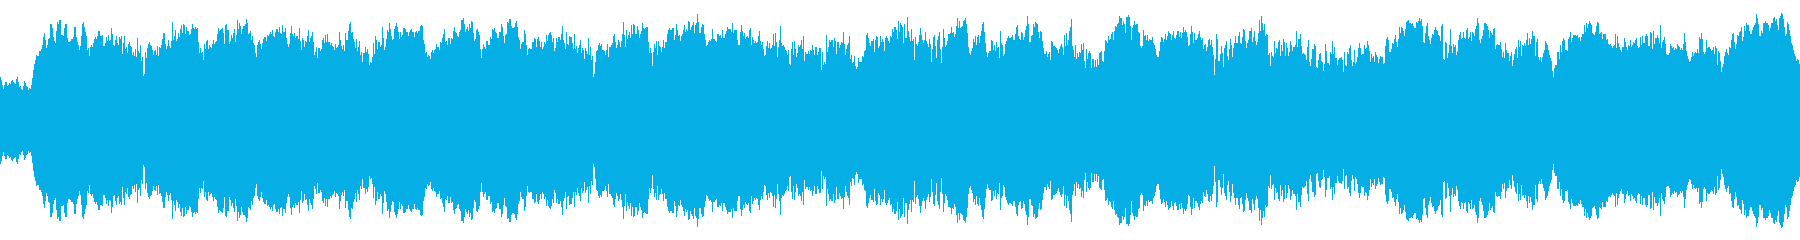 シーン・ロボット情熱・ループ弦楽器の再生済みの波形